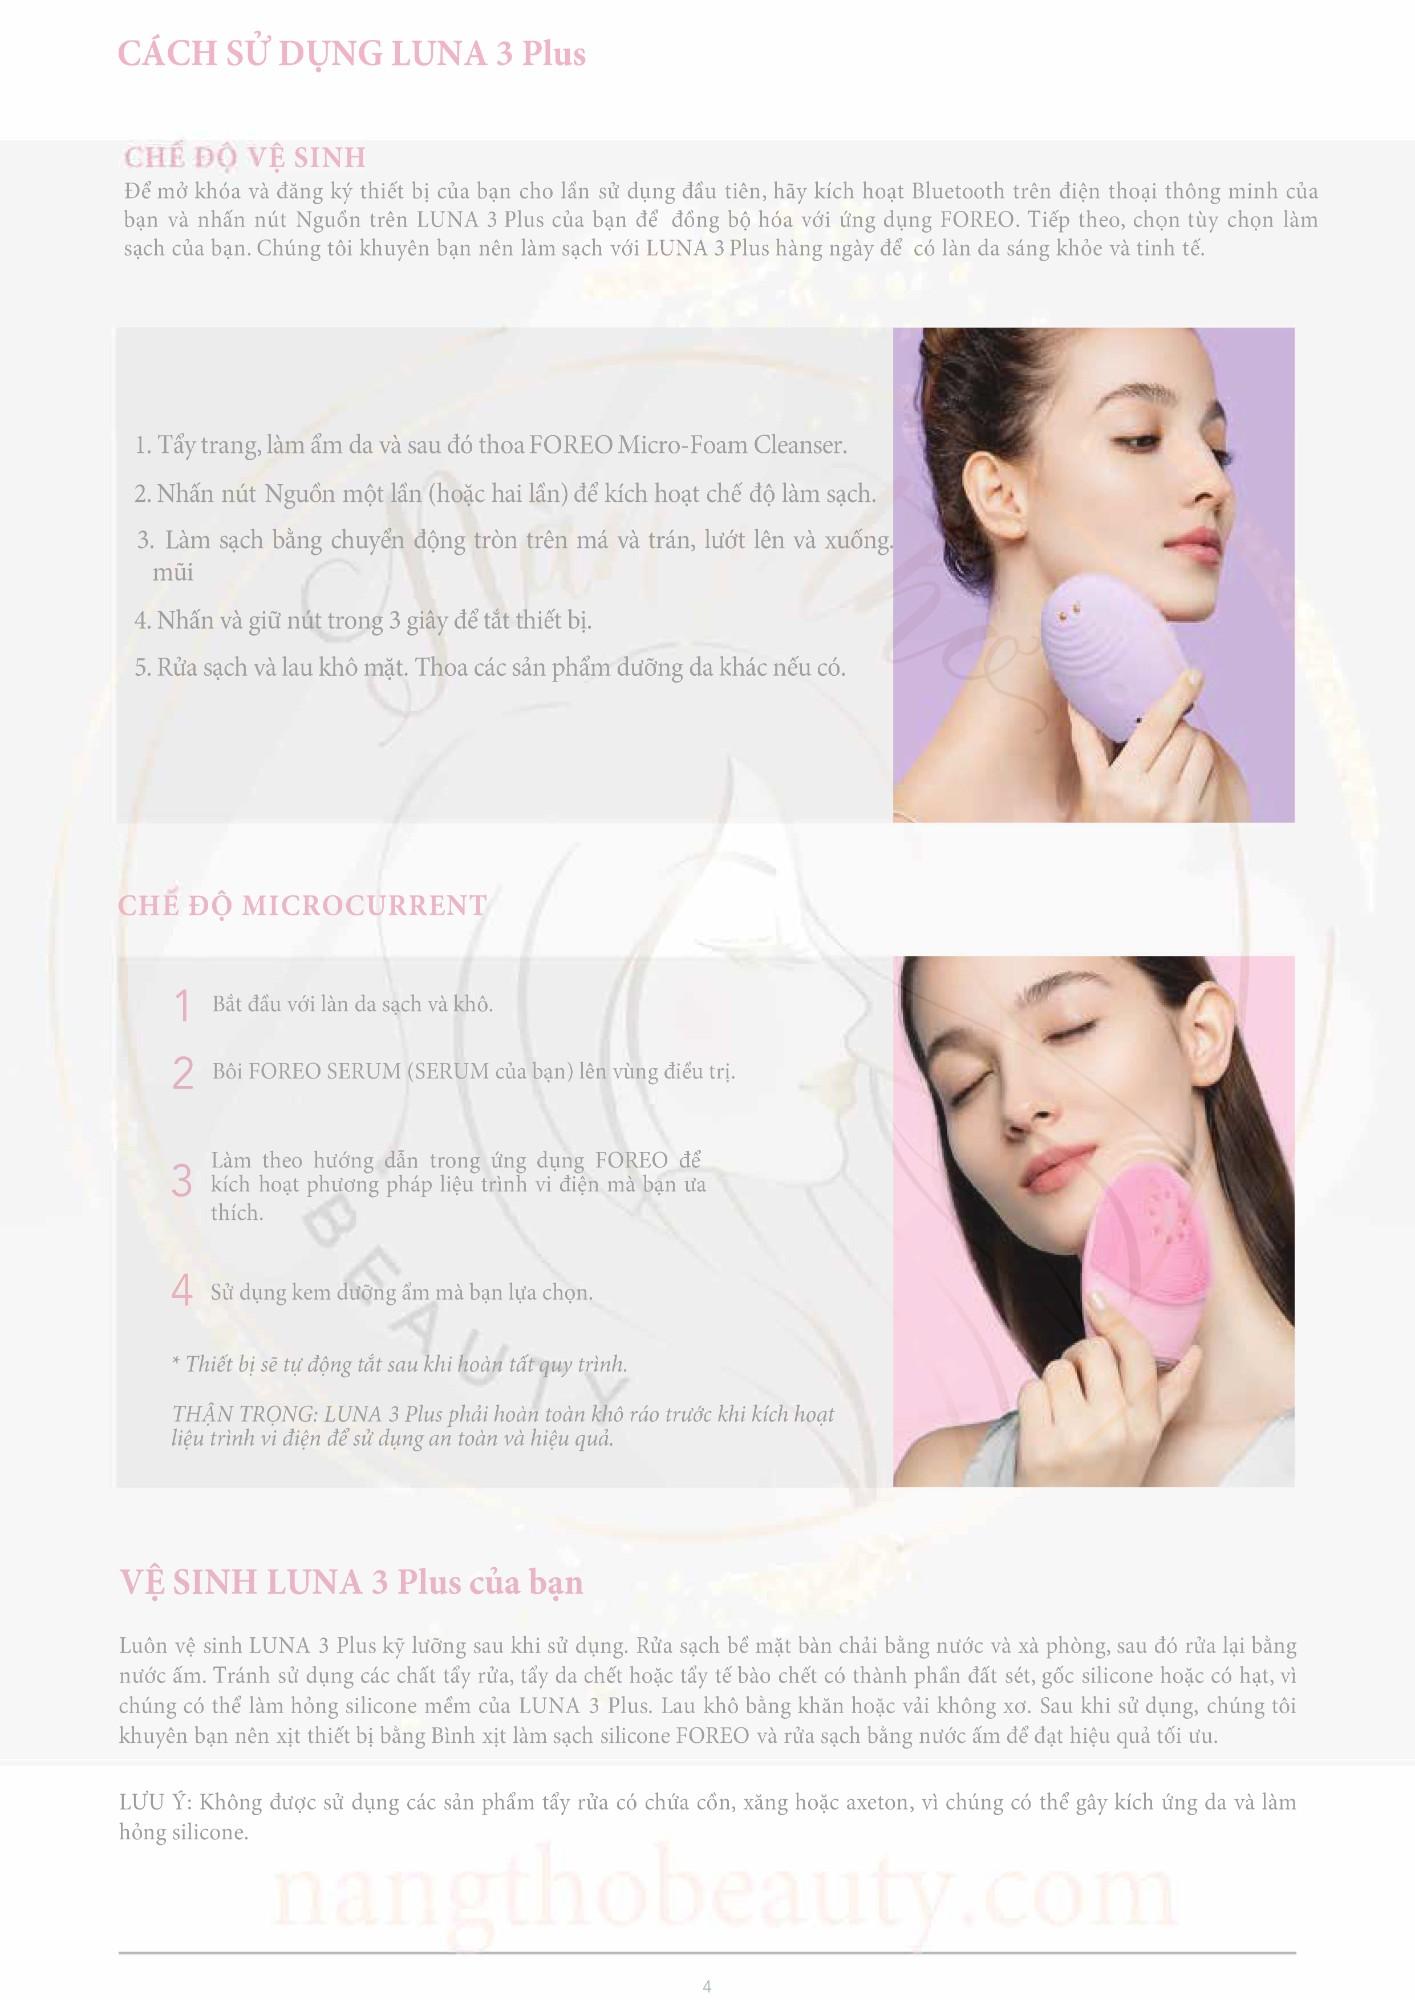 Huong_dan_su_dung_Luna_3_PLUS_NEW_FINAL_Page_3_1